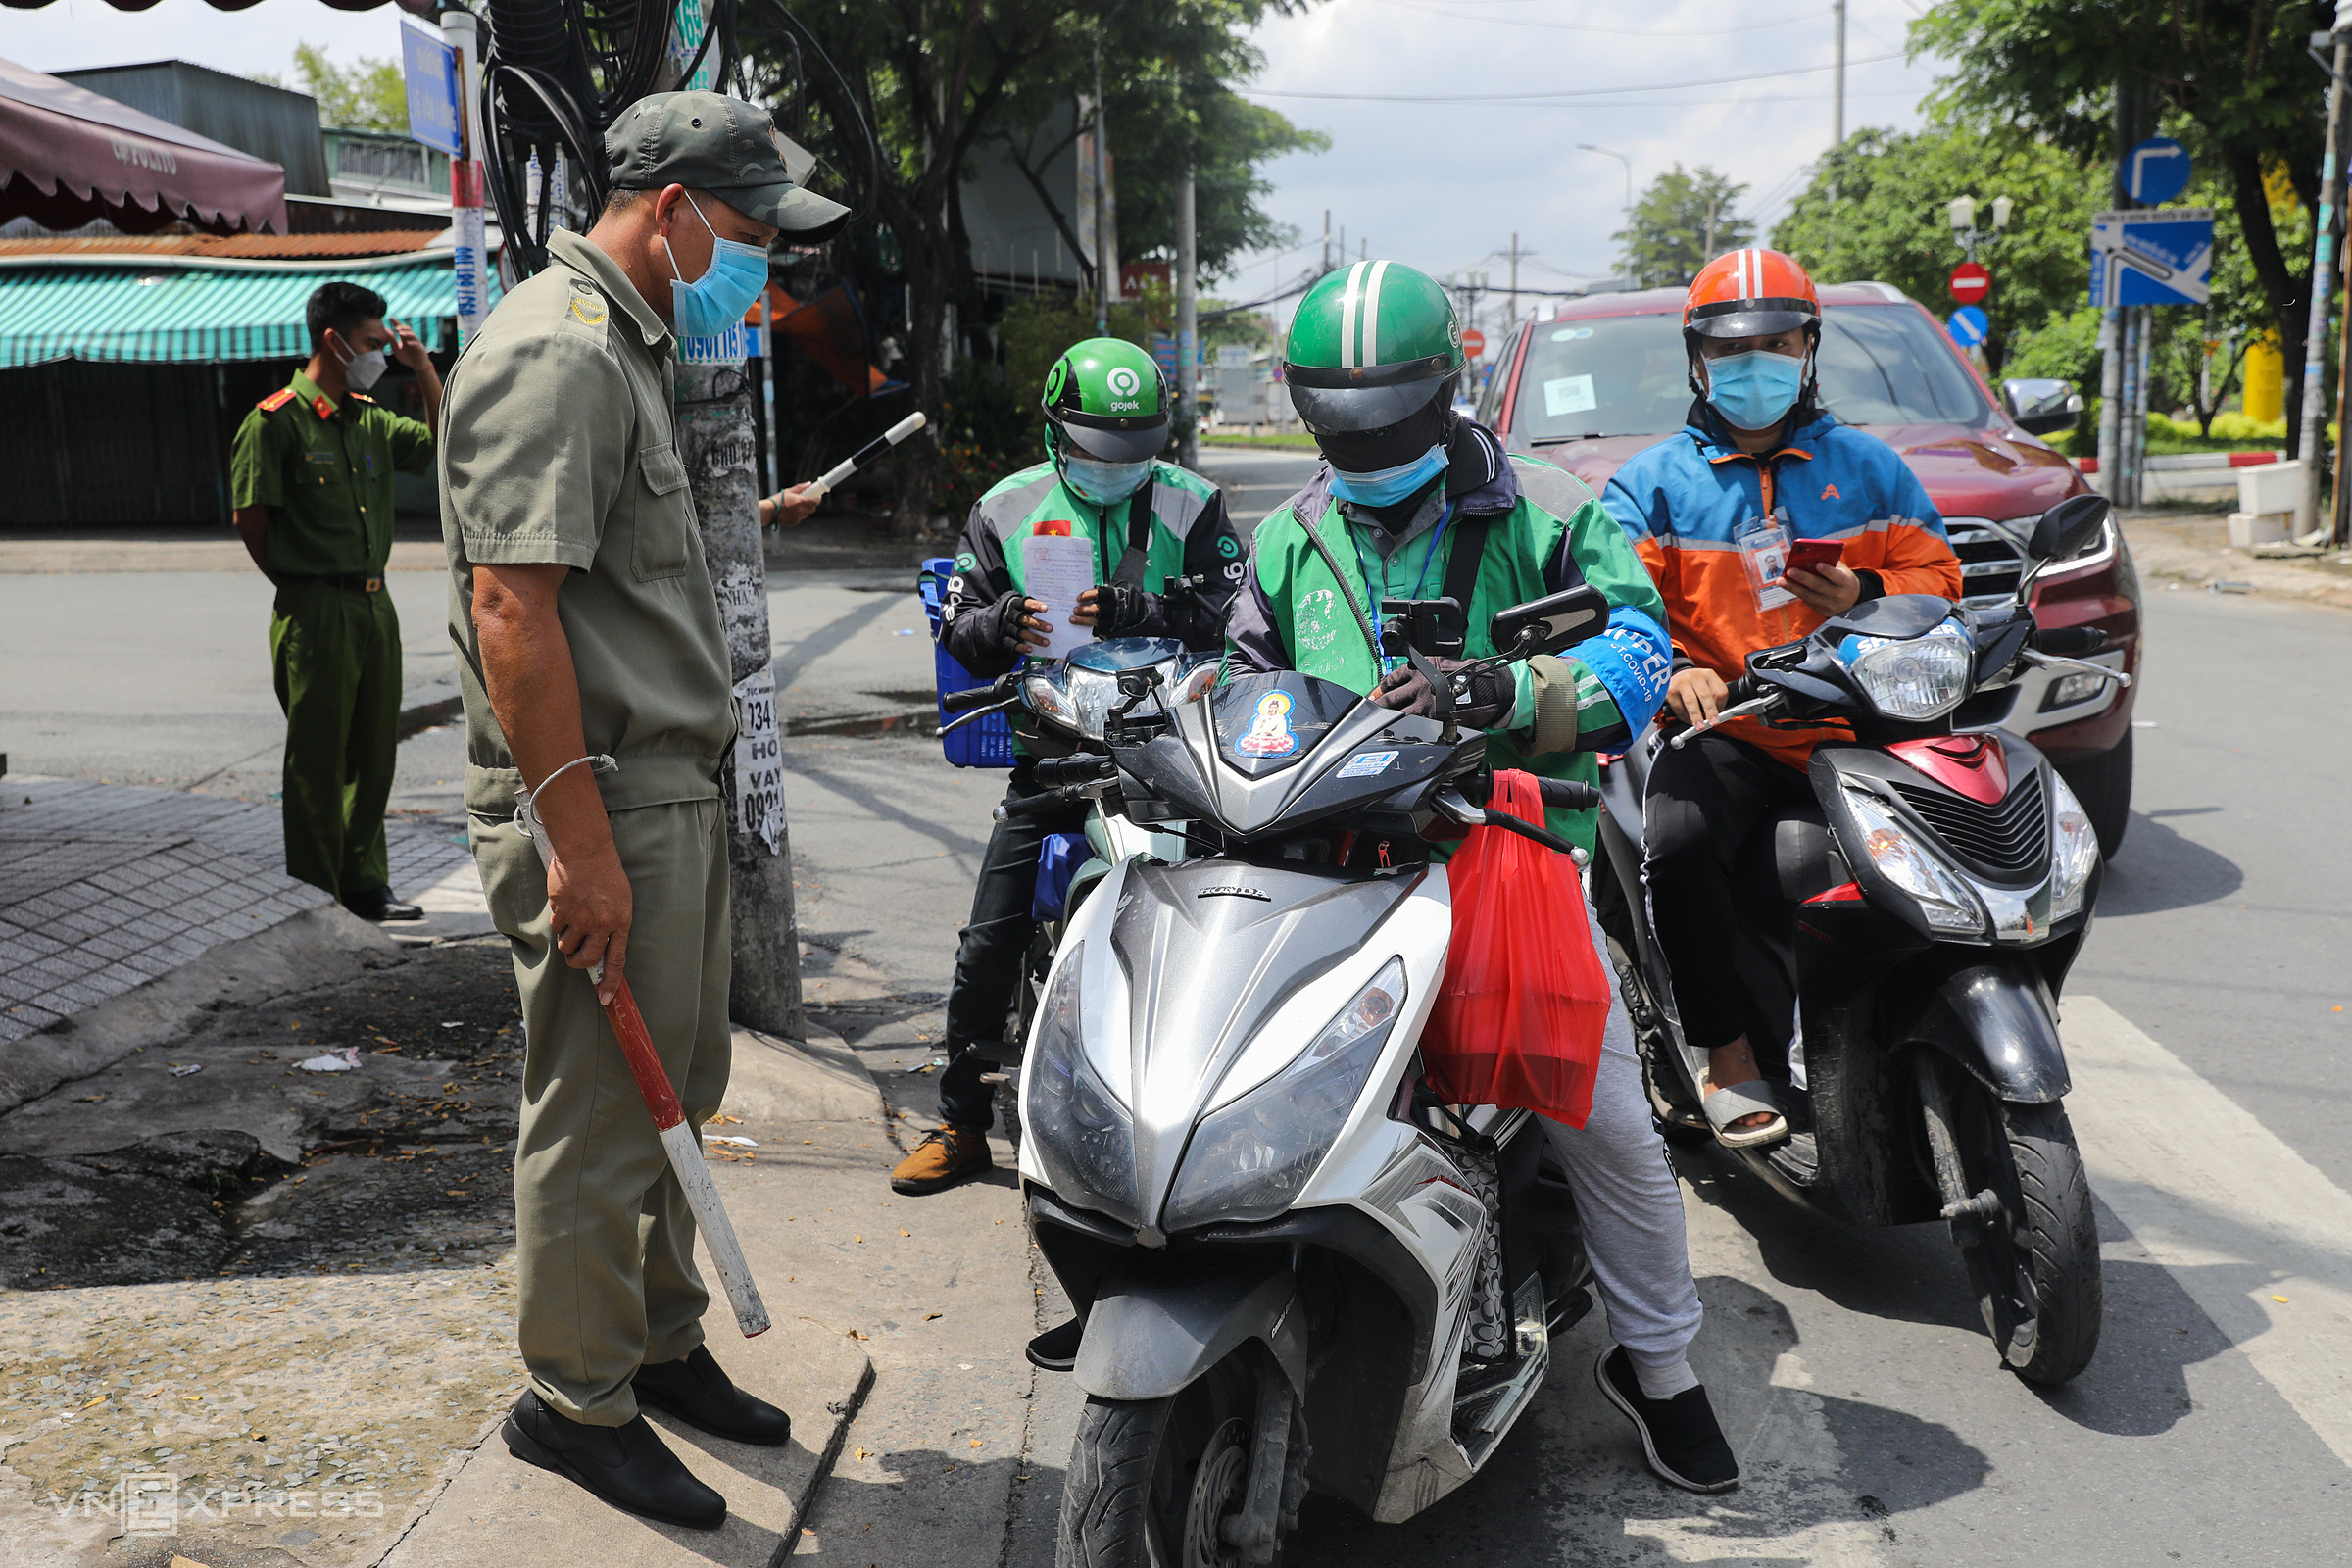 Kiểm soát lưu thông các shipper ở quận 7 ngày 16/9. Ảnh: Quỳnh Trần